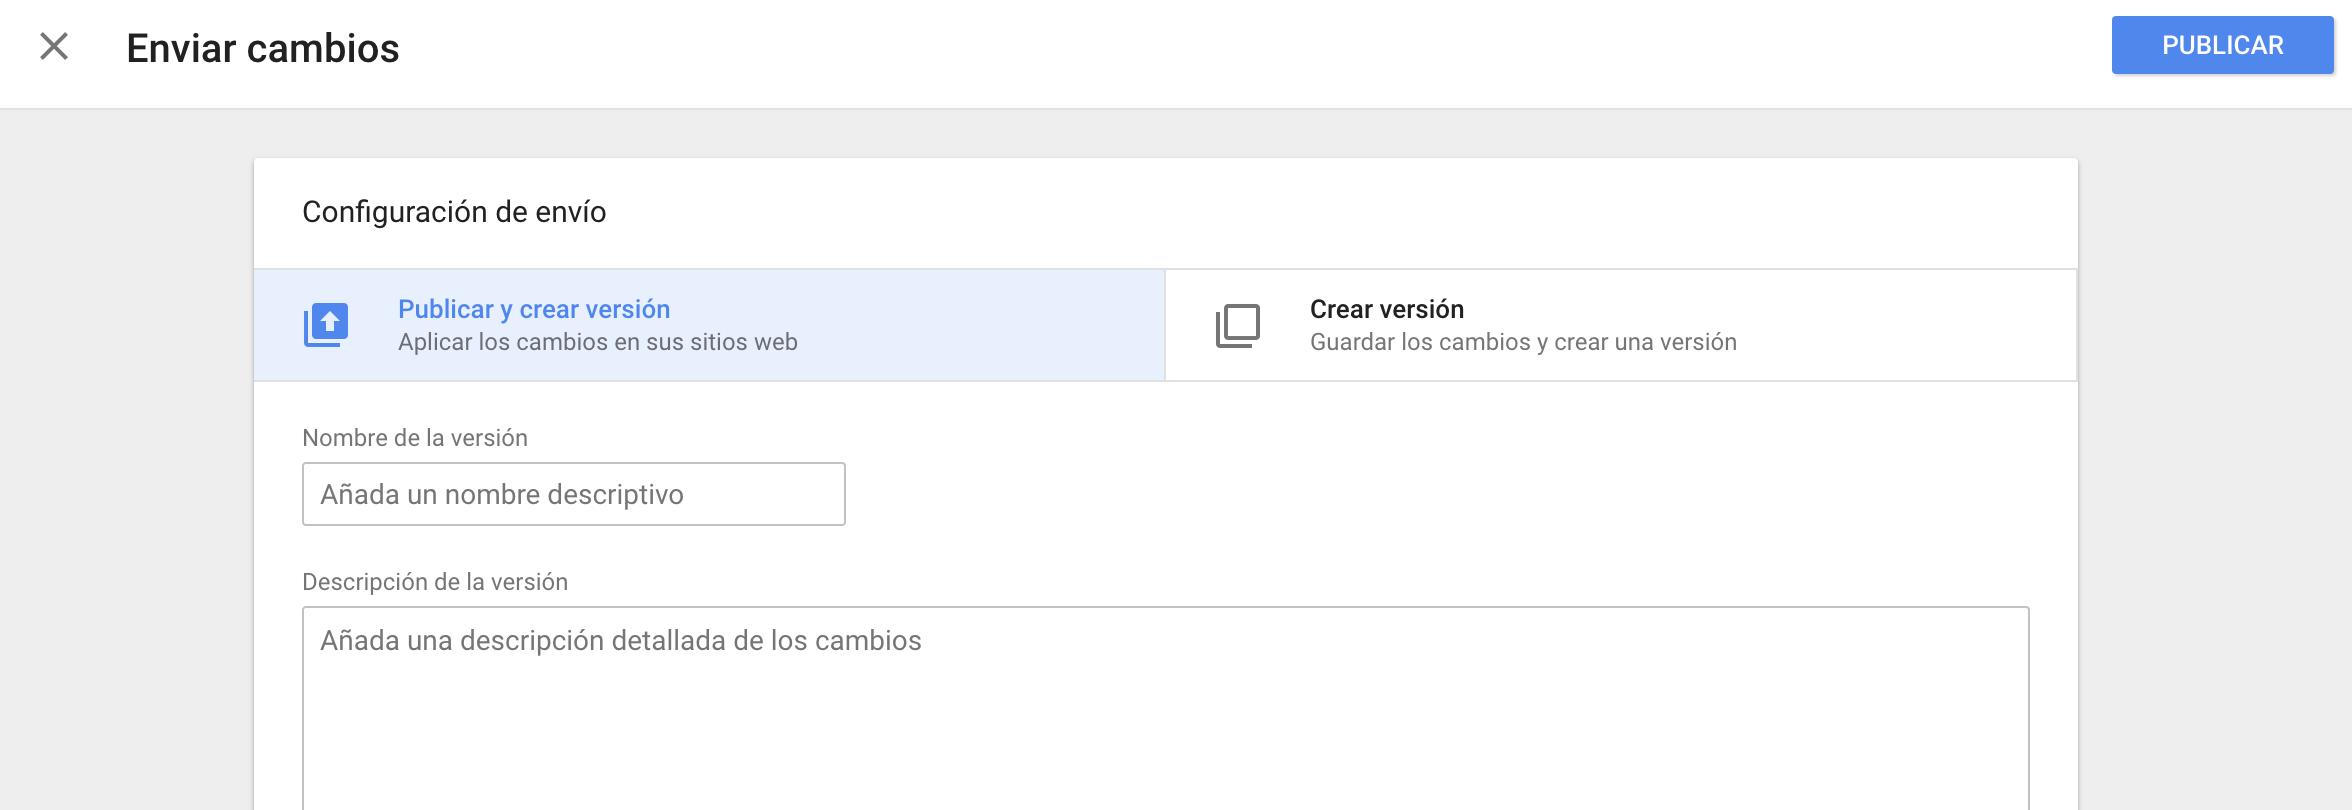 Cómo crear un evento de scroll en Google Tag Manager 12